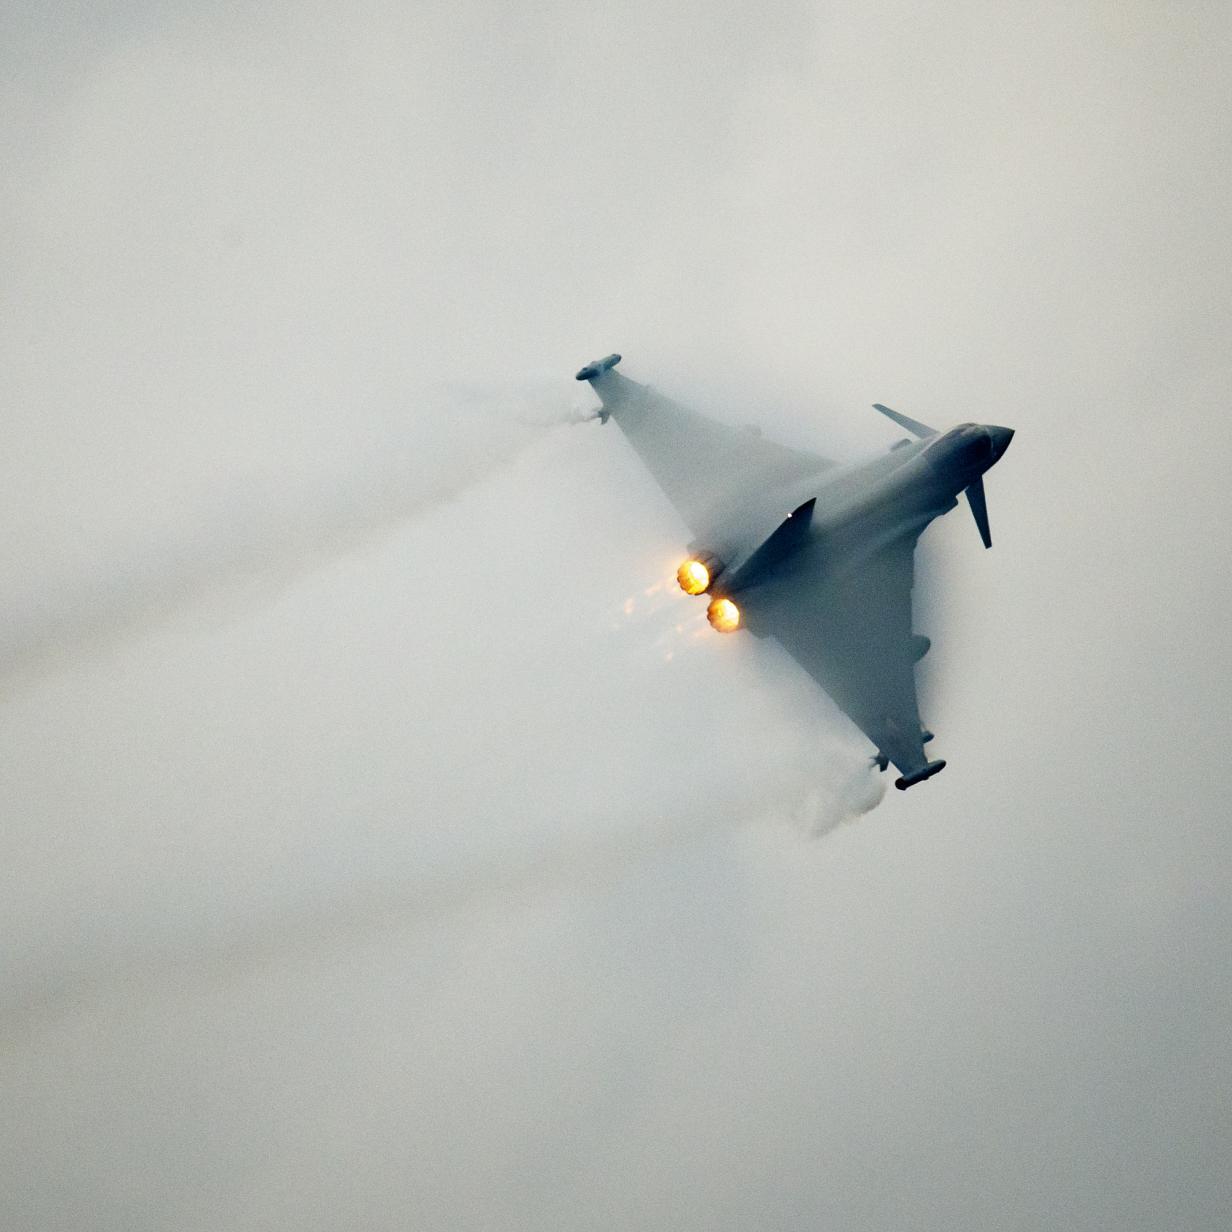 Italien: Kampfjet eskortierte aus Österreich gestartete Maschine